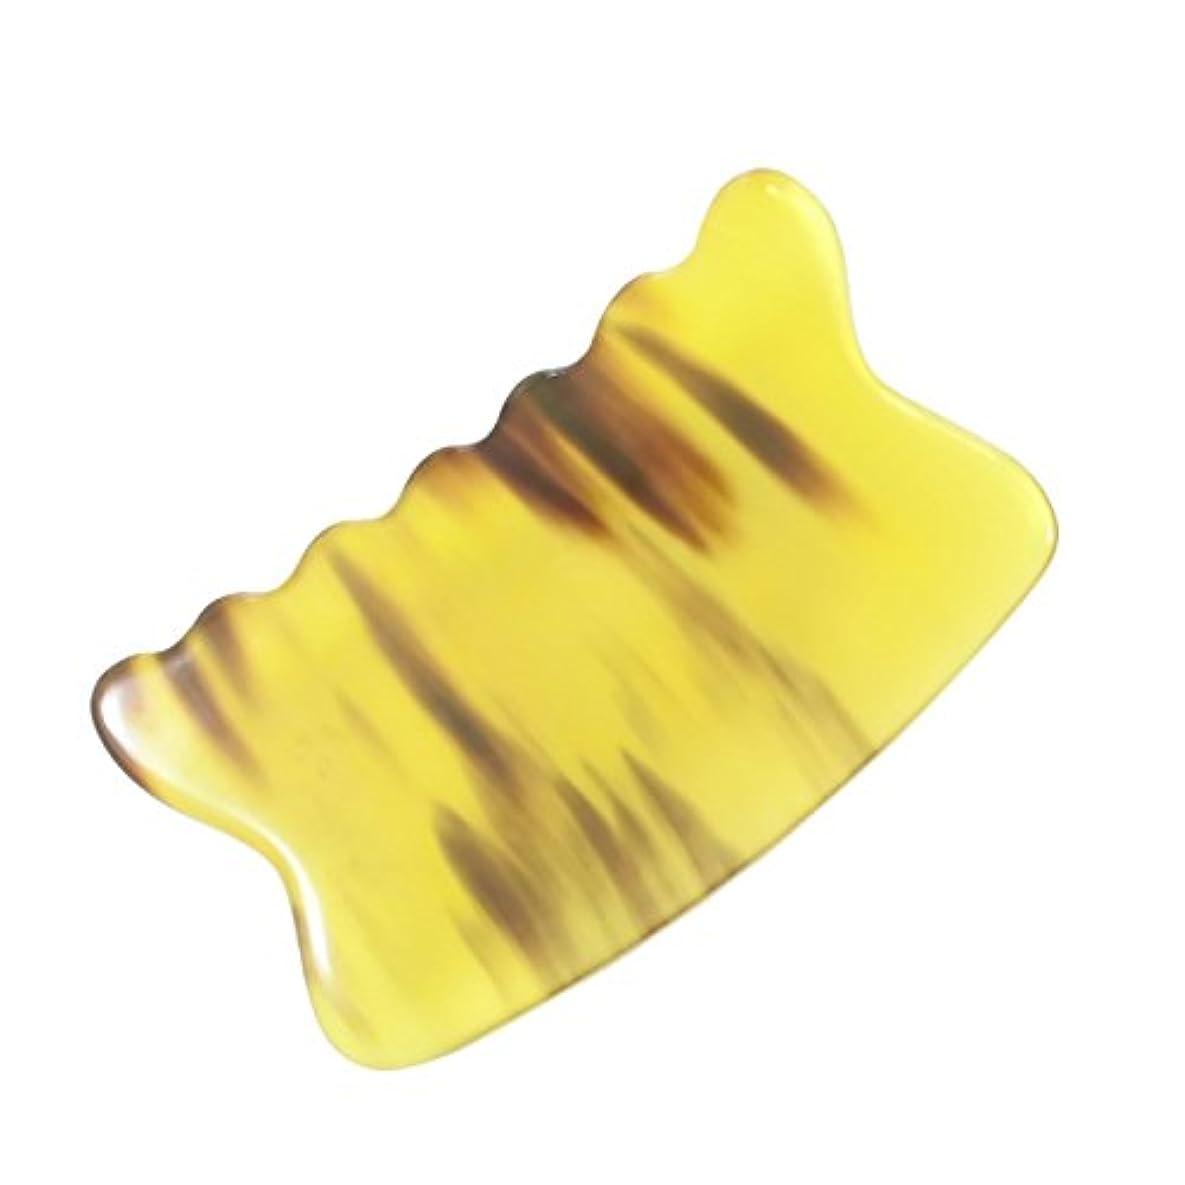 差どちらか愛国的なかっさ プレート 希少59 黄水牛角 極美品 曲波型